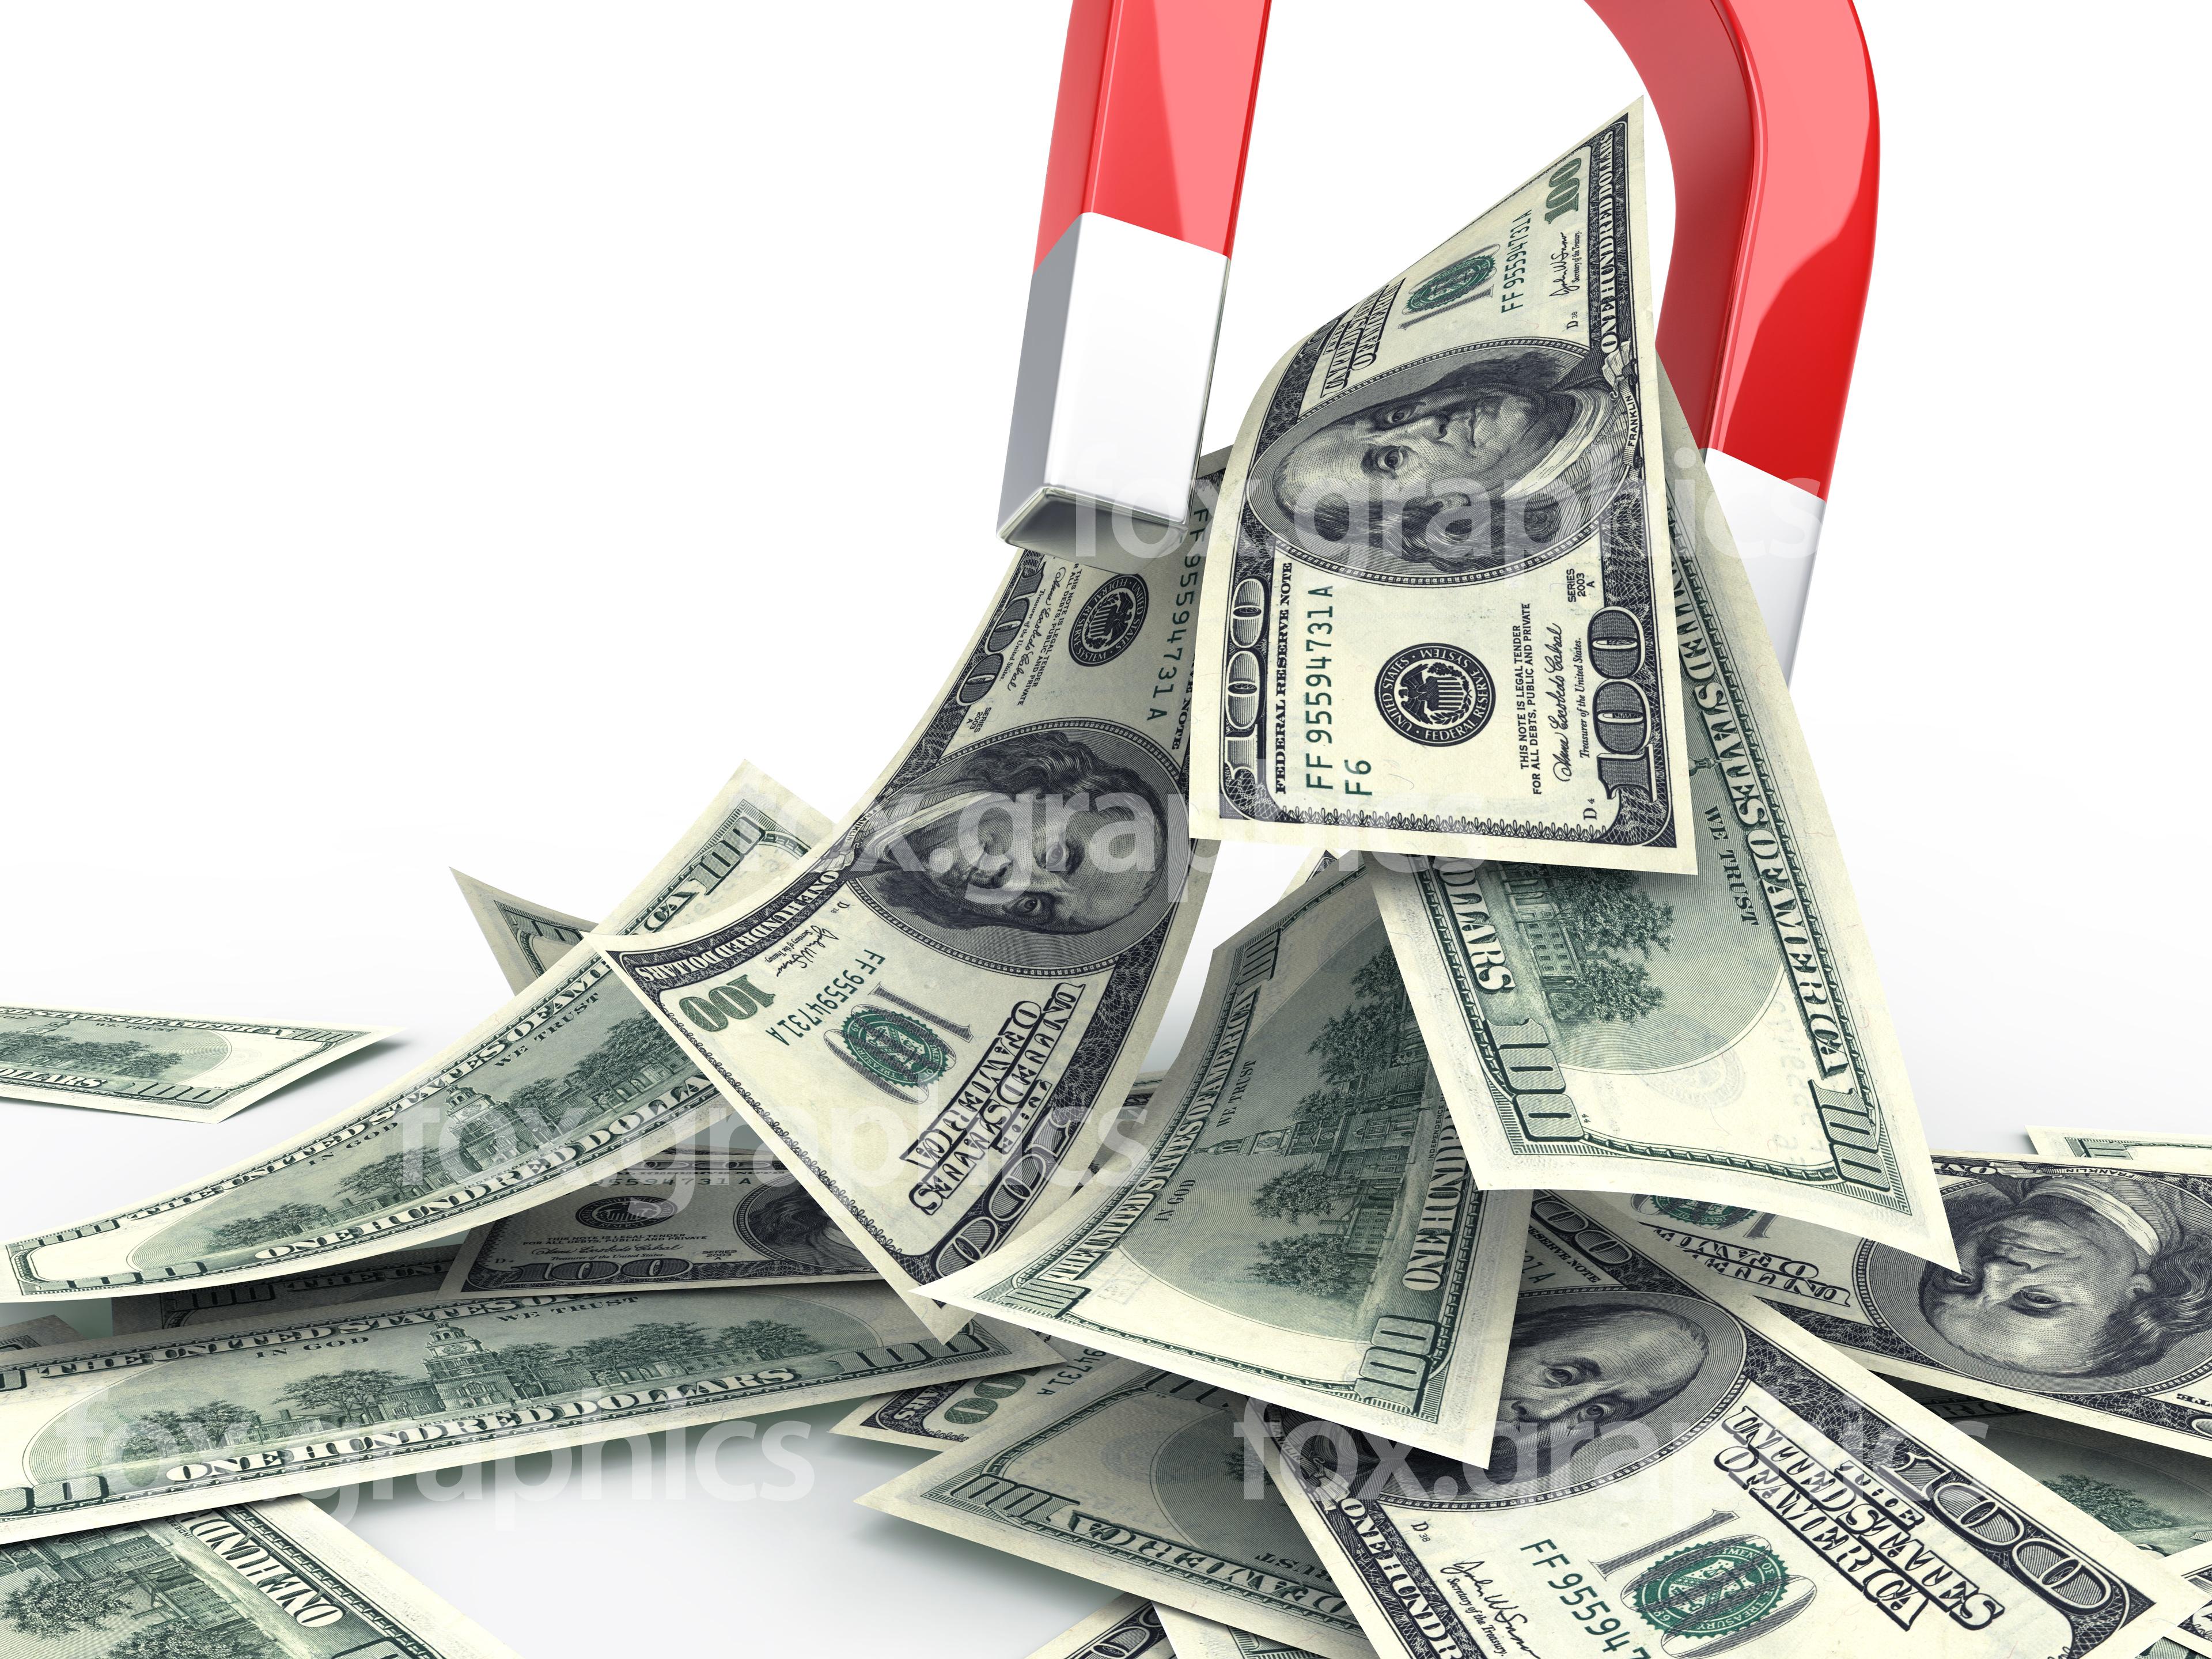 описание картинки денежный магнит замерзнув, буквально вваливаемся